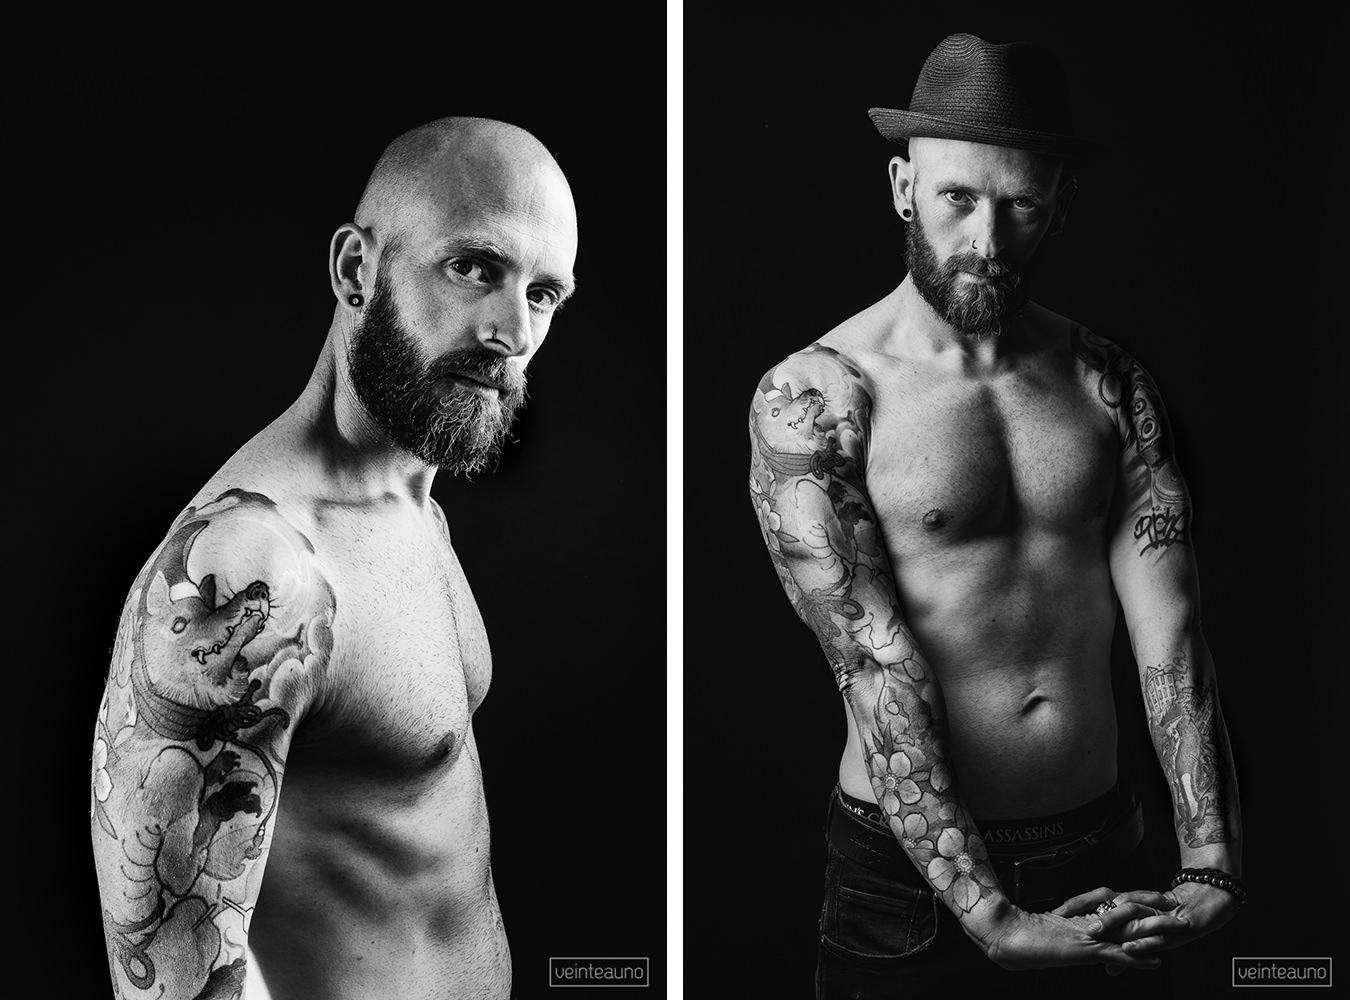 sesion-retrato-estudio-granada_02 Retrato en Estudio Retratos